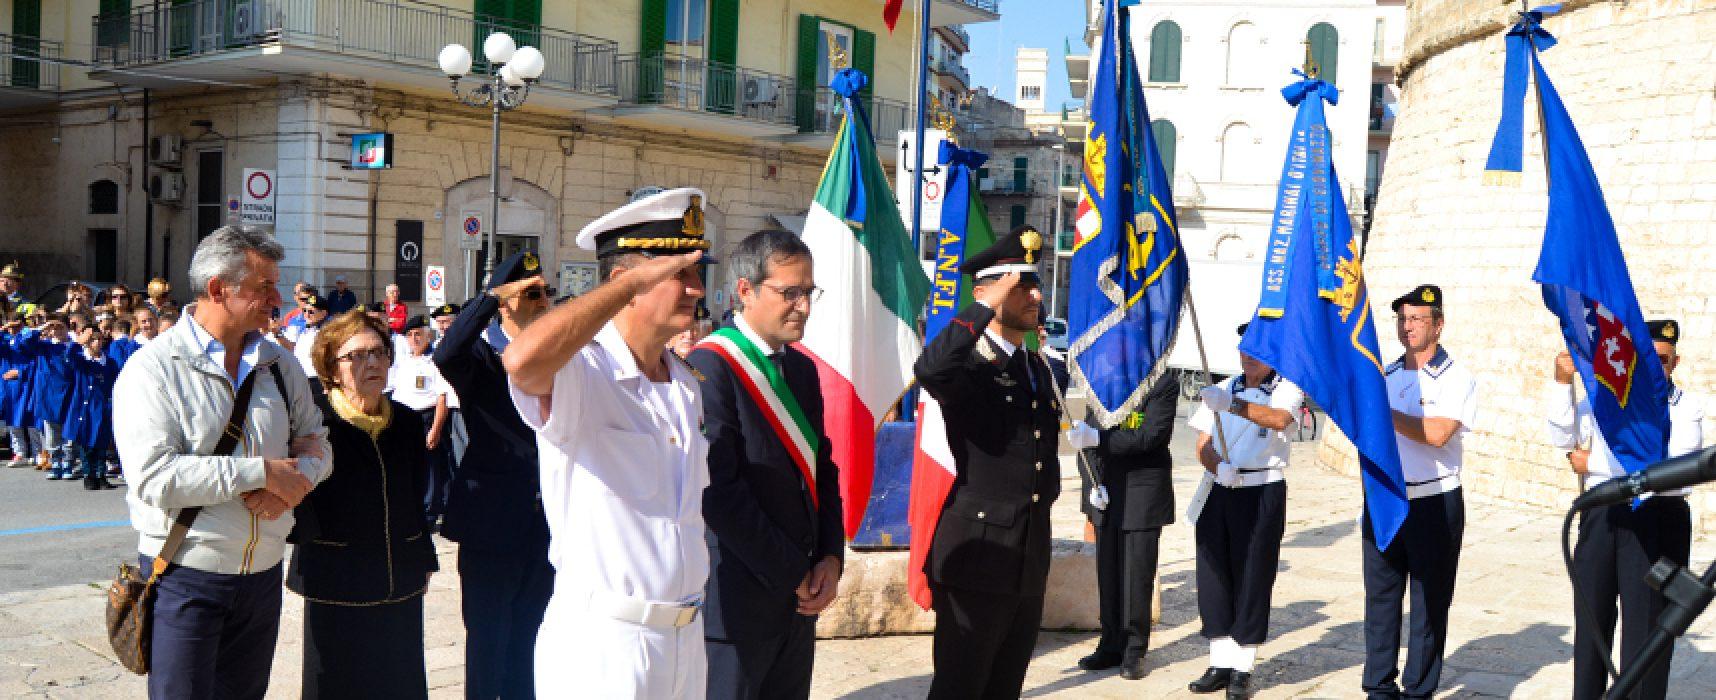 Caduti Corazzata Roma la toccante cerimonia in ricordo delle vittime / FOTO